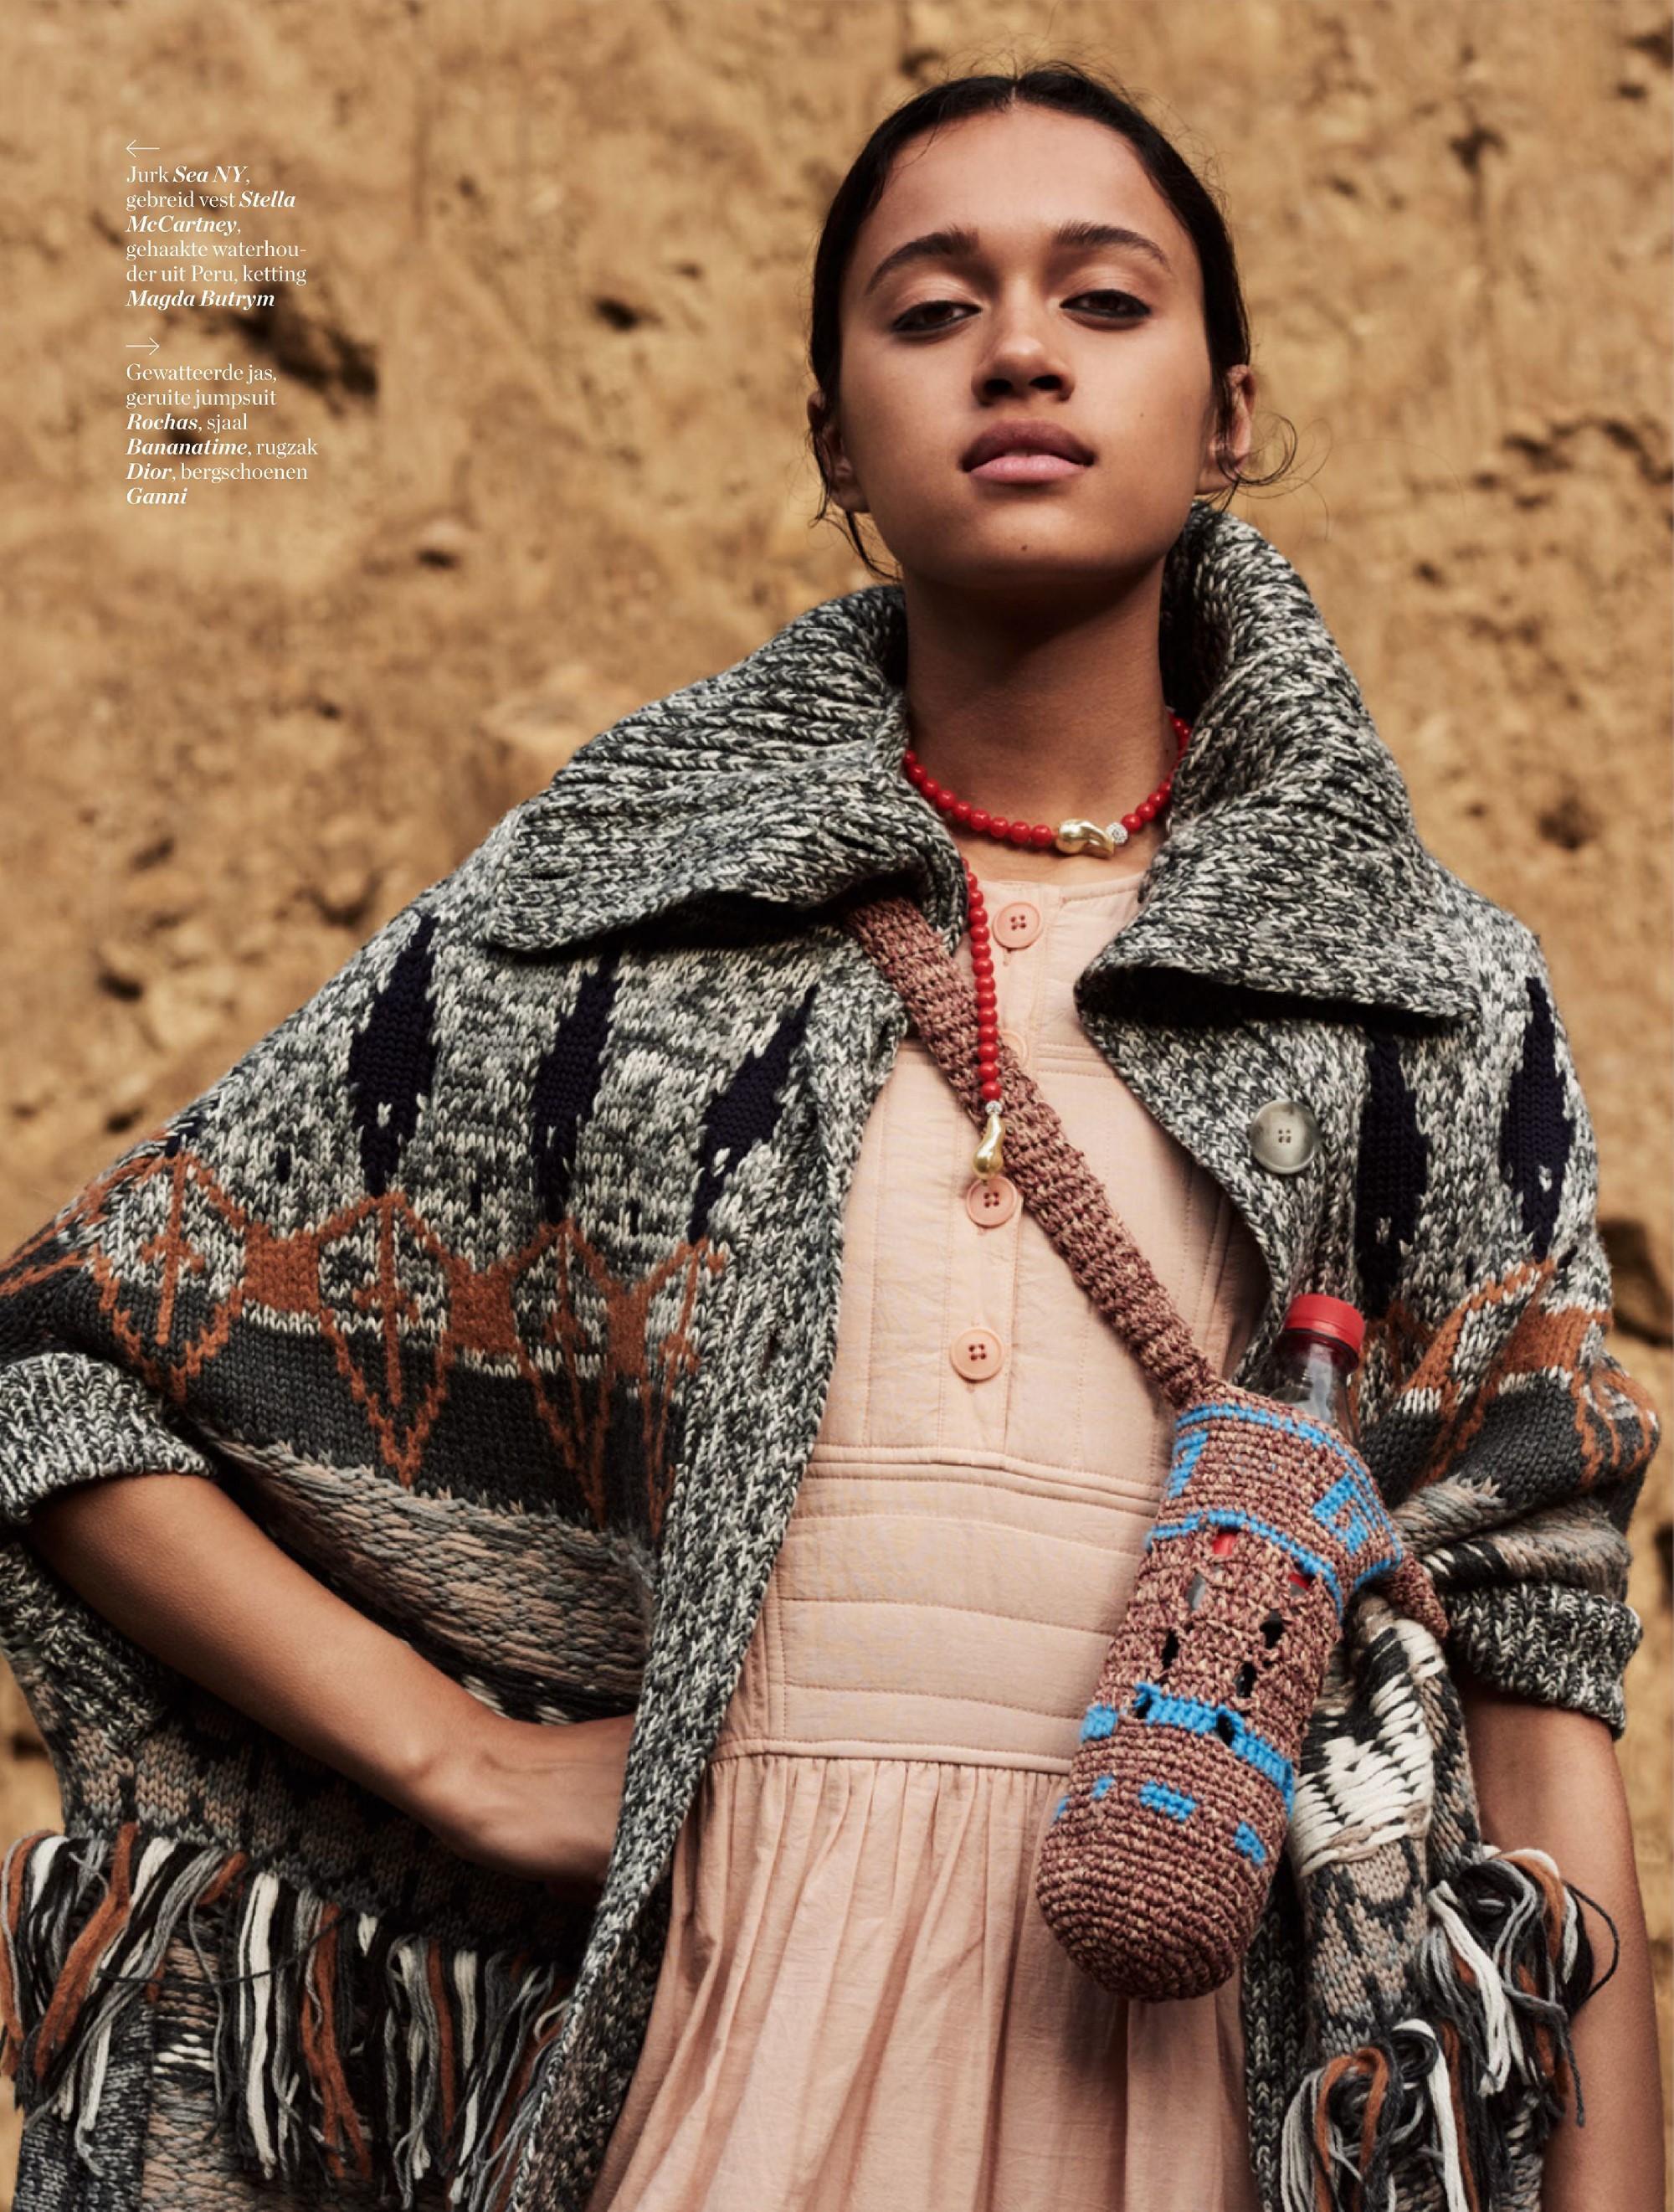 Mara Kasanpawiro by Jeroen Mantel for ELLE Netherlands (21).jpg